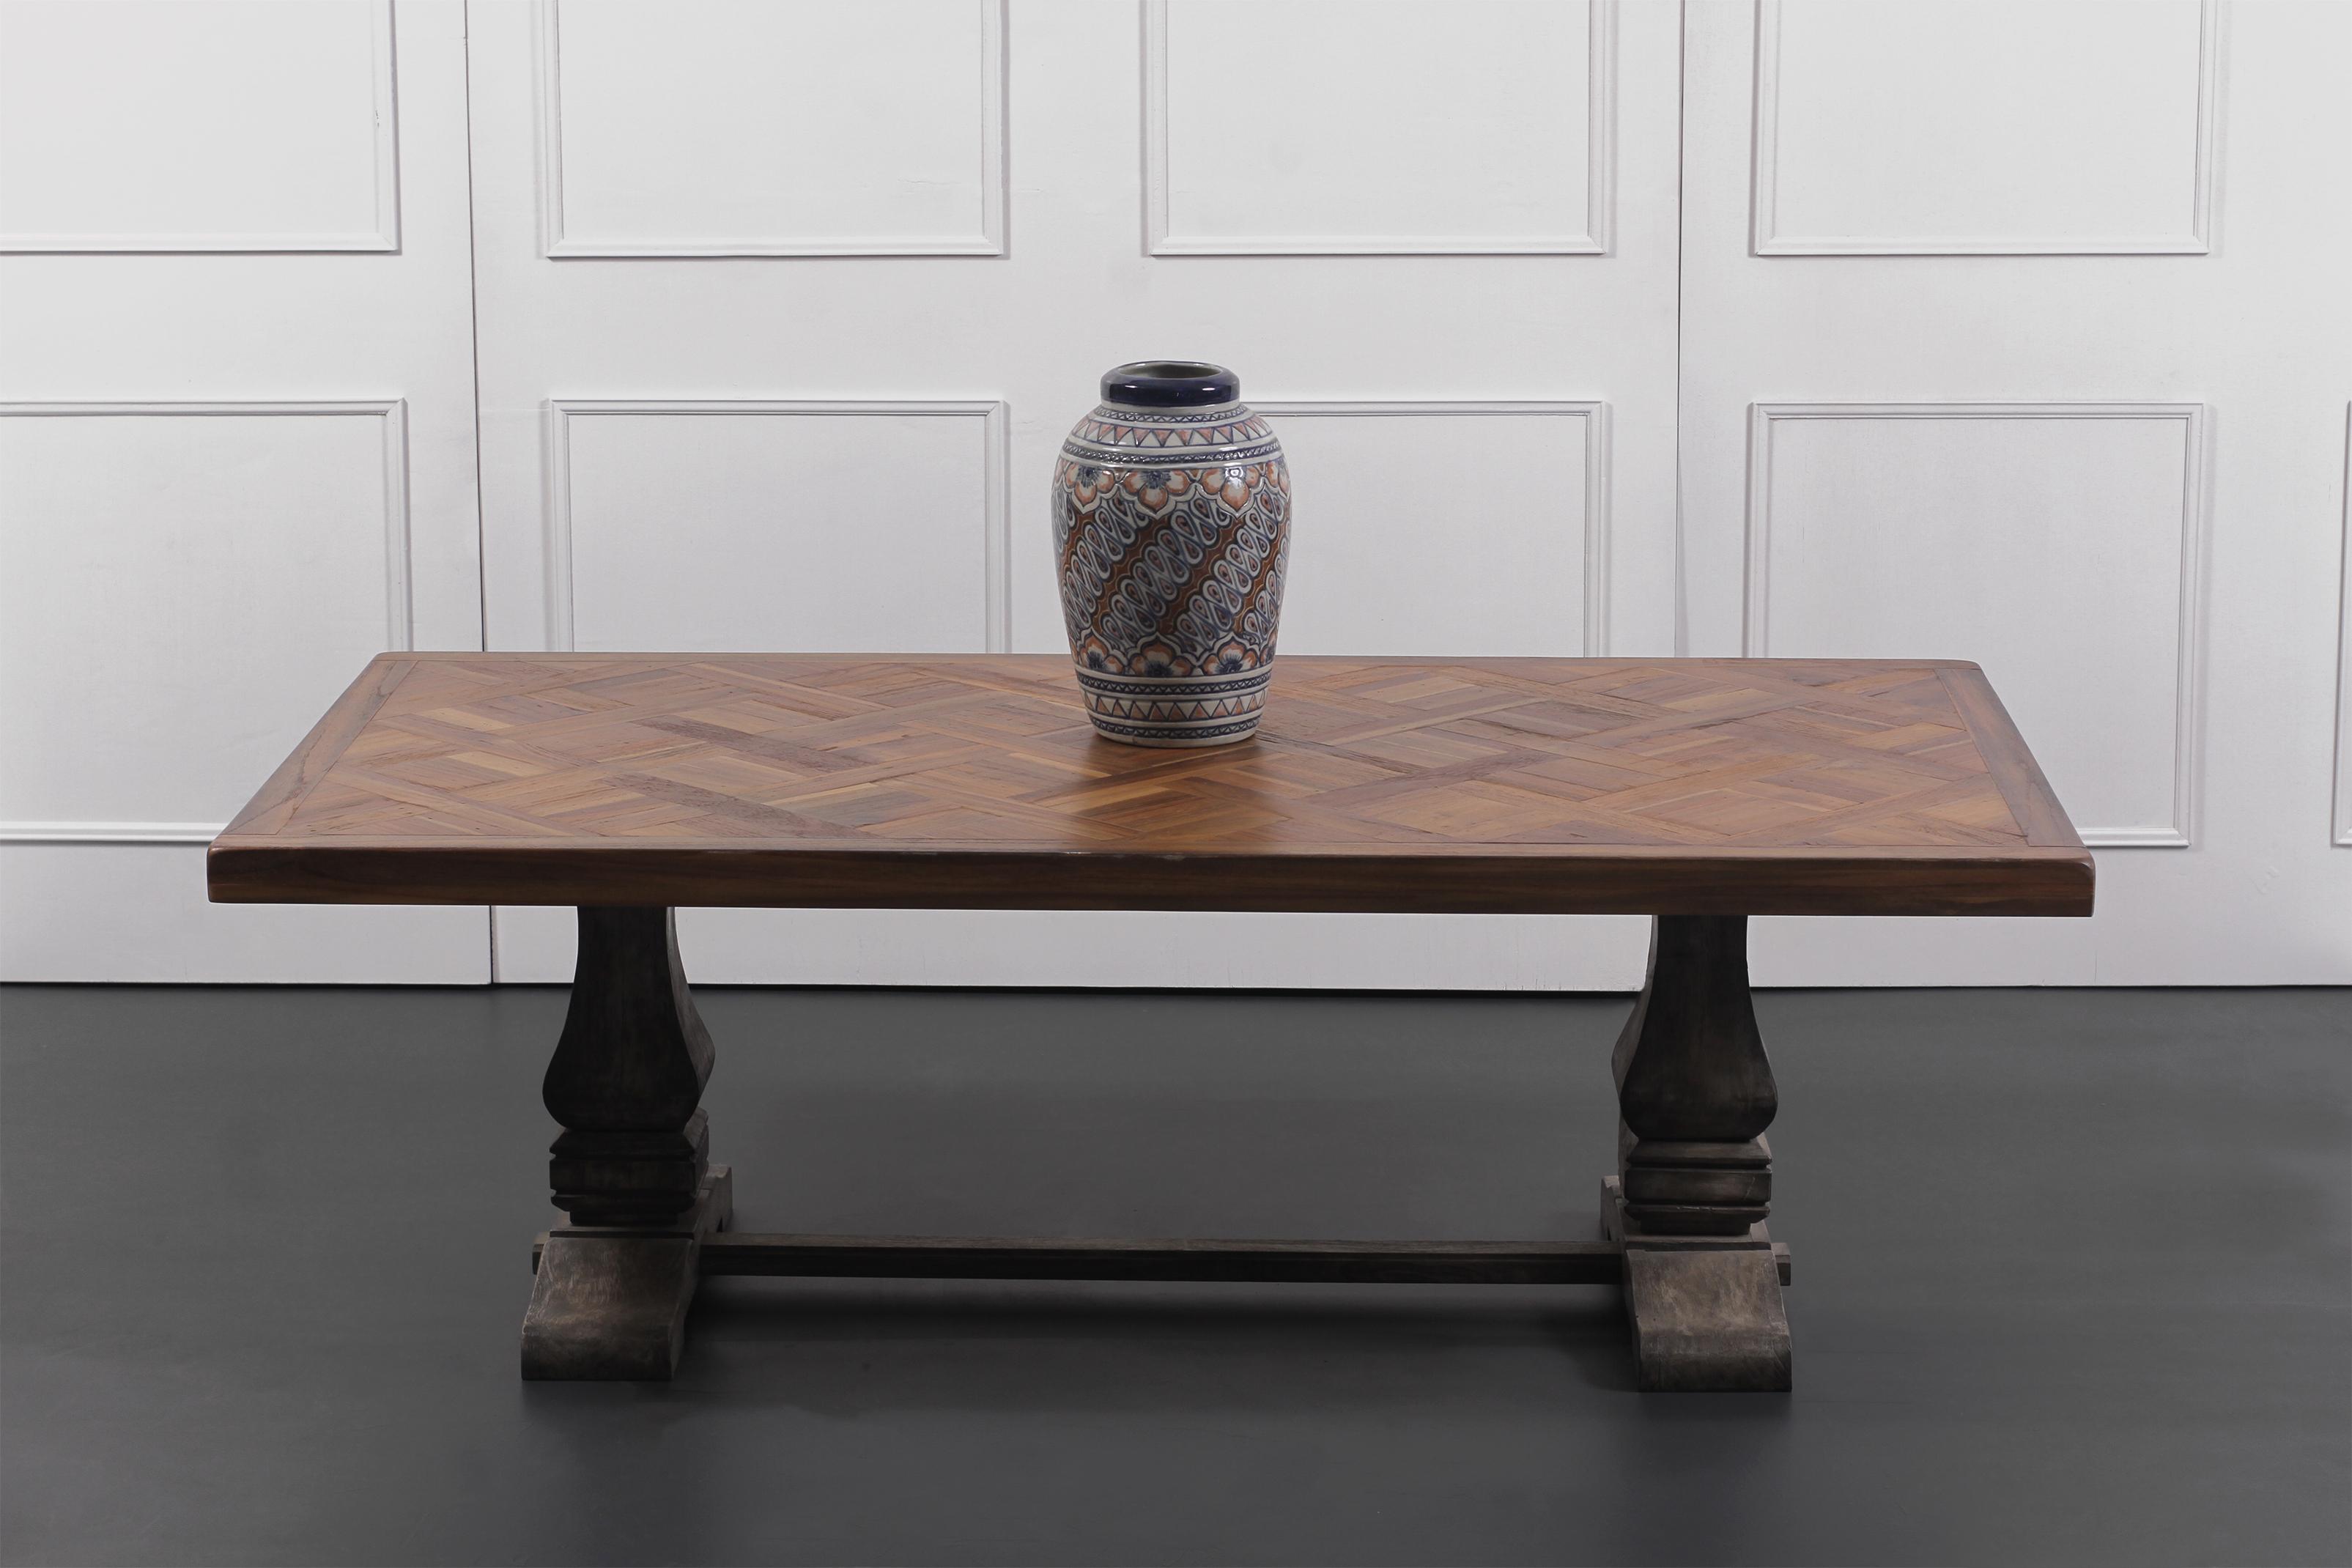 THRONE RECTA TABLE